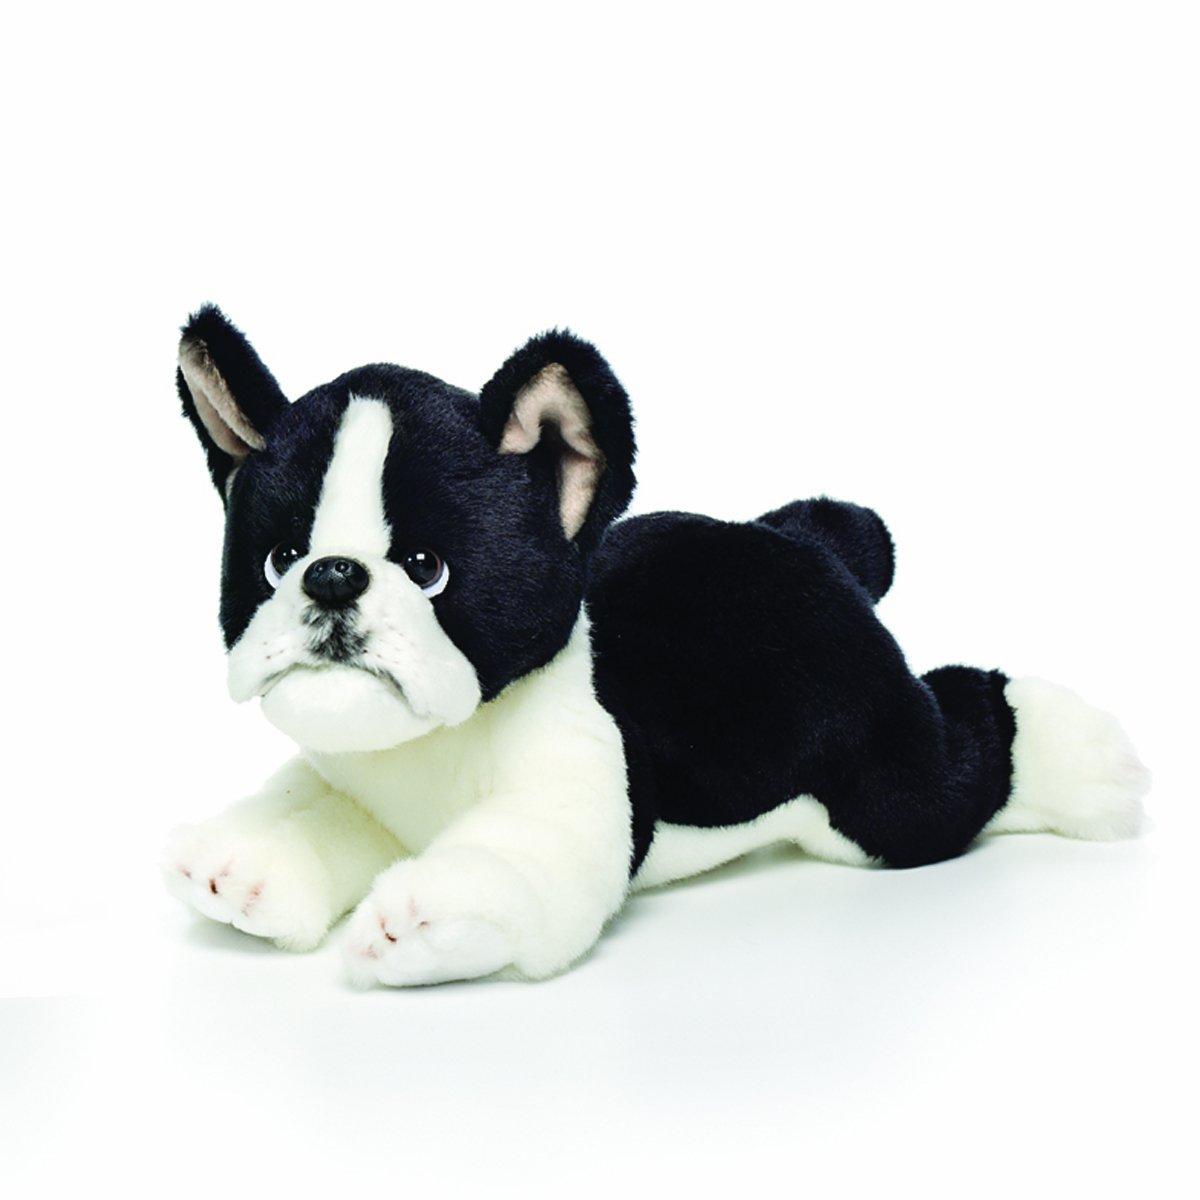 amazoncom nat and jules boston terrier plush toy large baby -